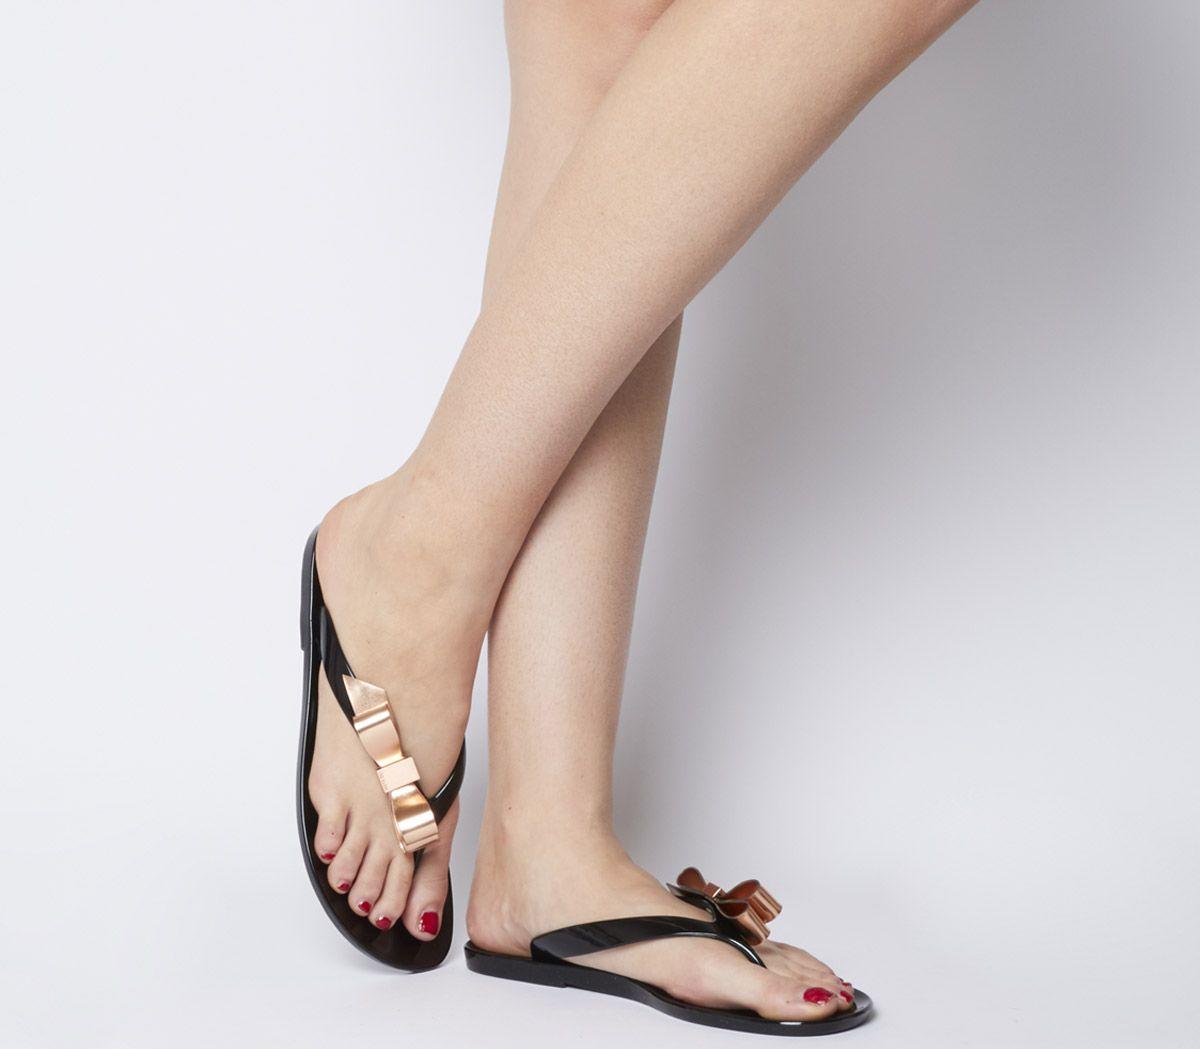 7fed2065e2220e Ted Baker Suszie Flip Flops Black Rose Gold - Sandals